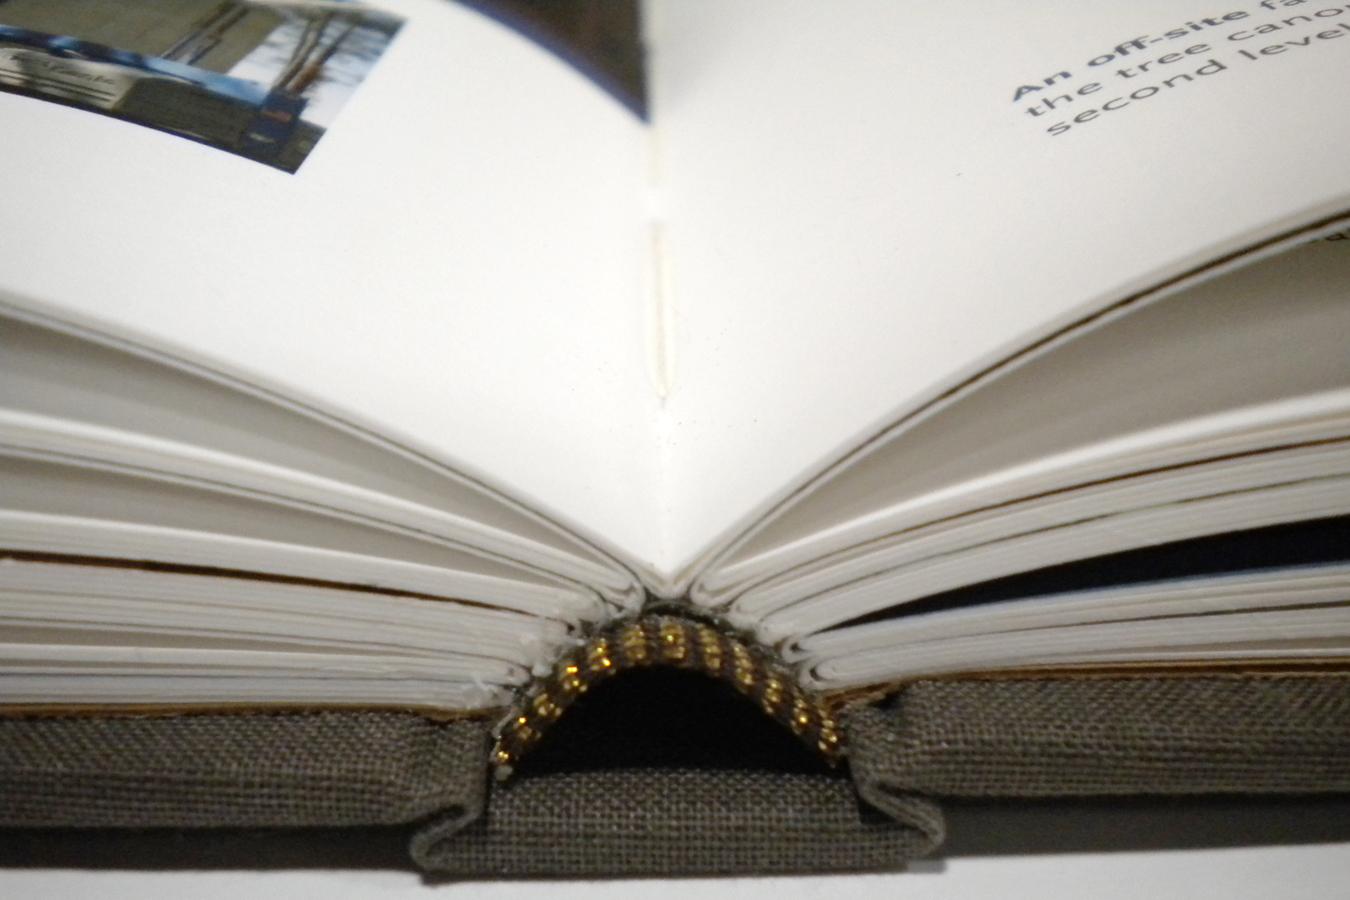 signature sewn books